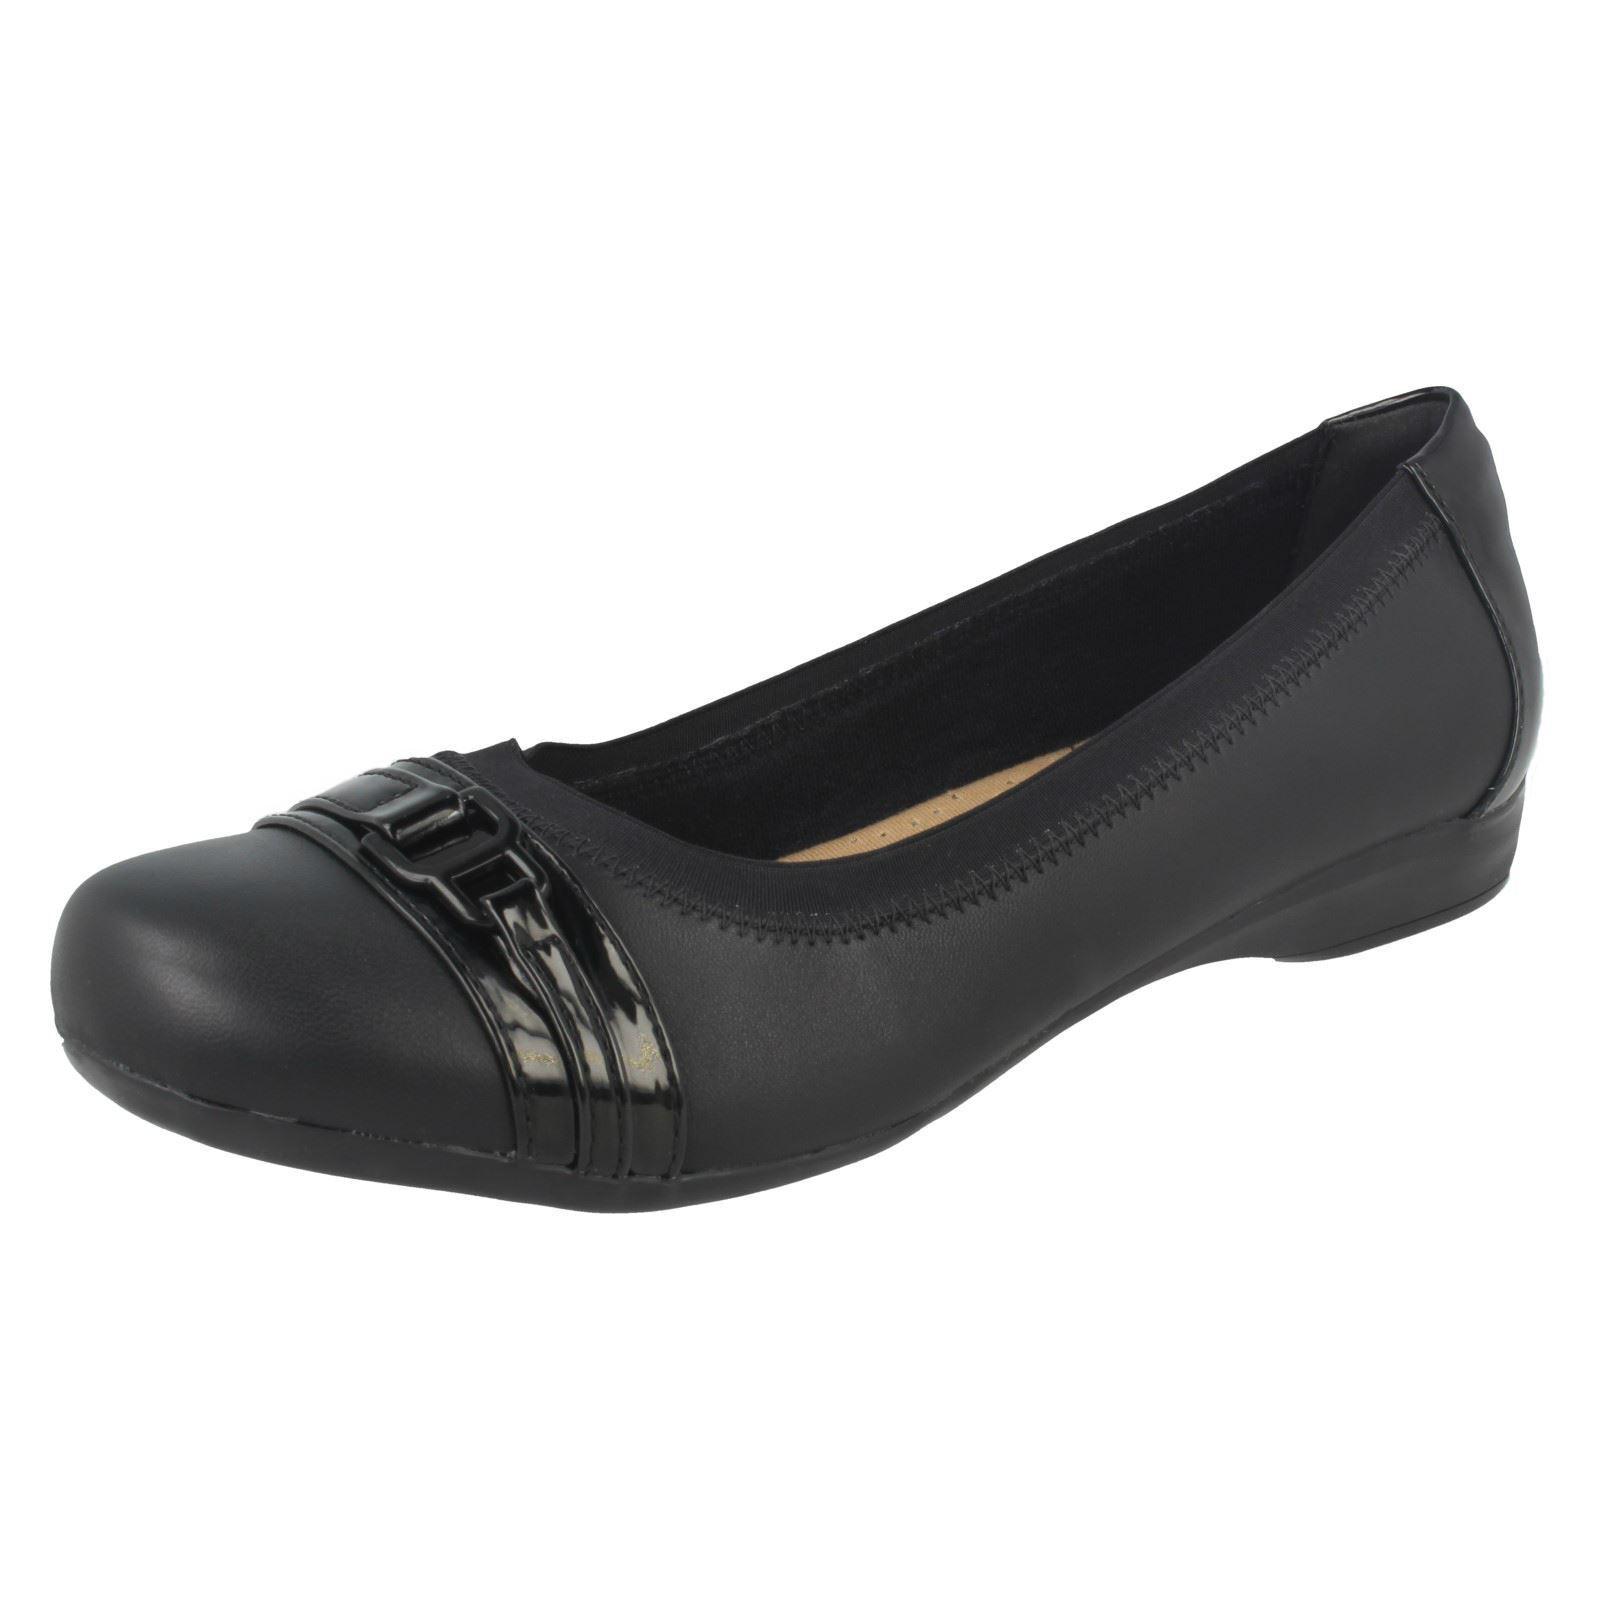 Casual salvaje Descuento por tiempo limitado Ladies Clarks Kinzie Light Black Leather Smart Slip On Shoes